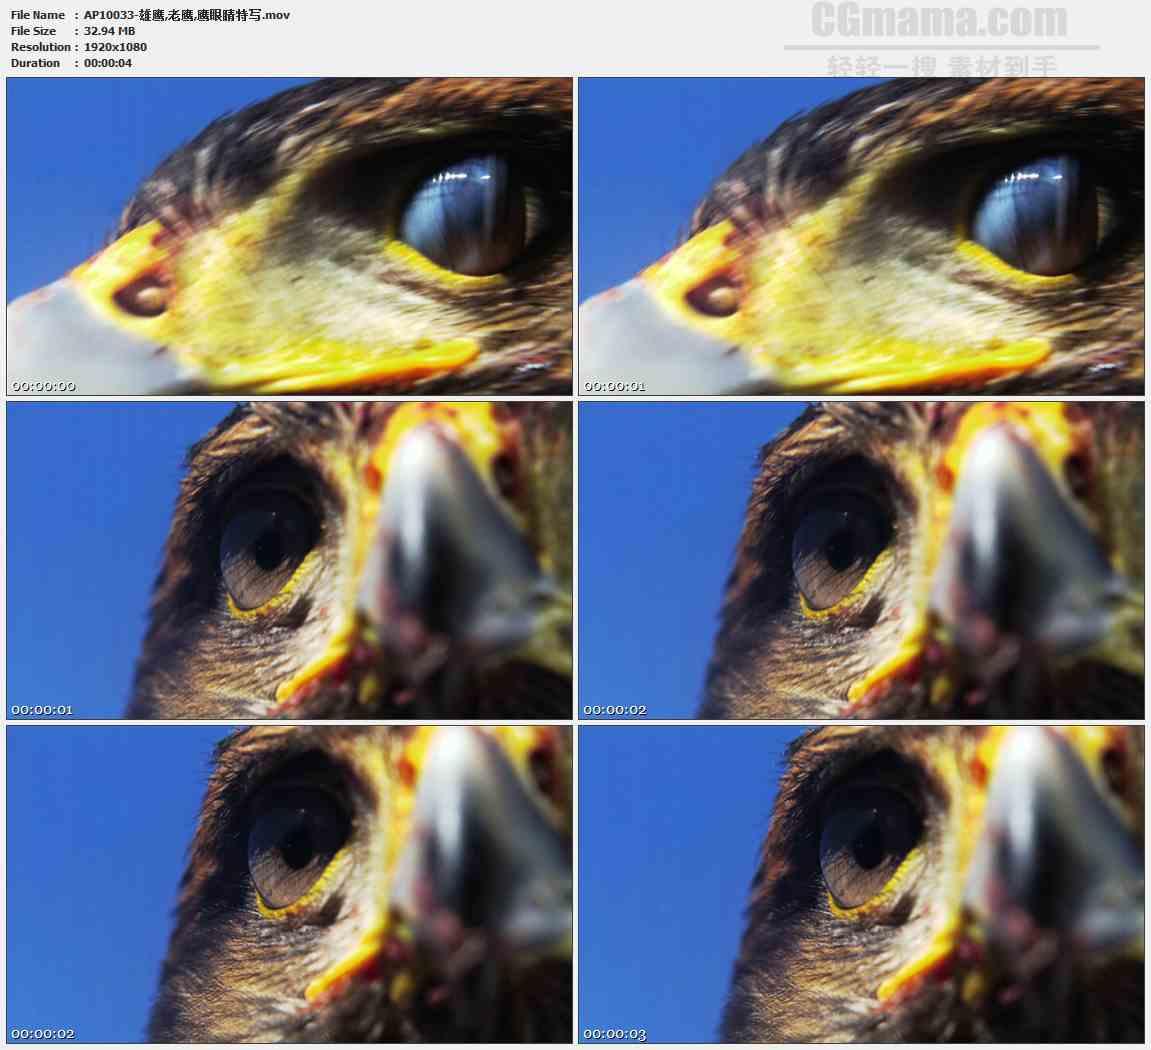 AP10033-老鹰转头眨眼高清实拍视频素材